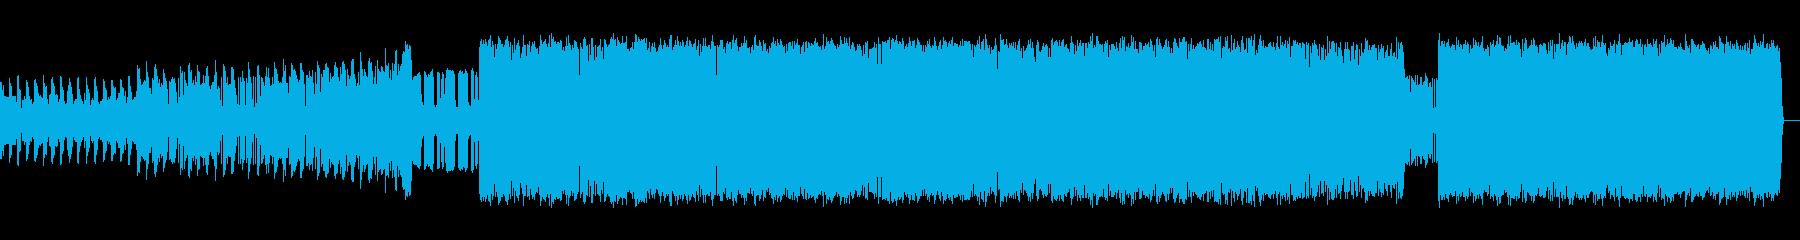 ベース音のきいた挑戦的なポップスの再生済みの波形